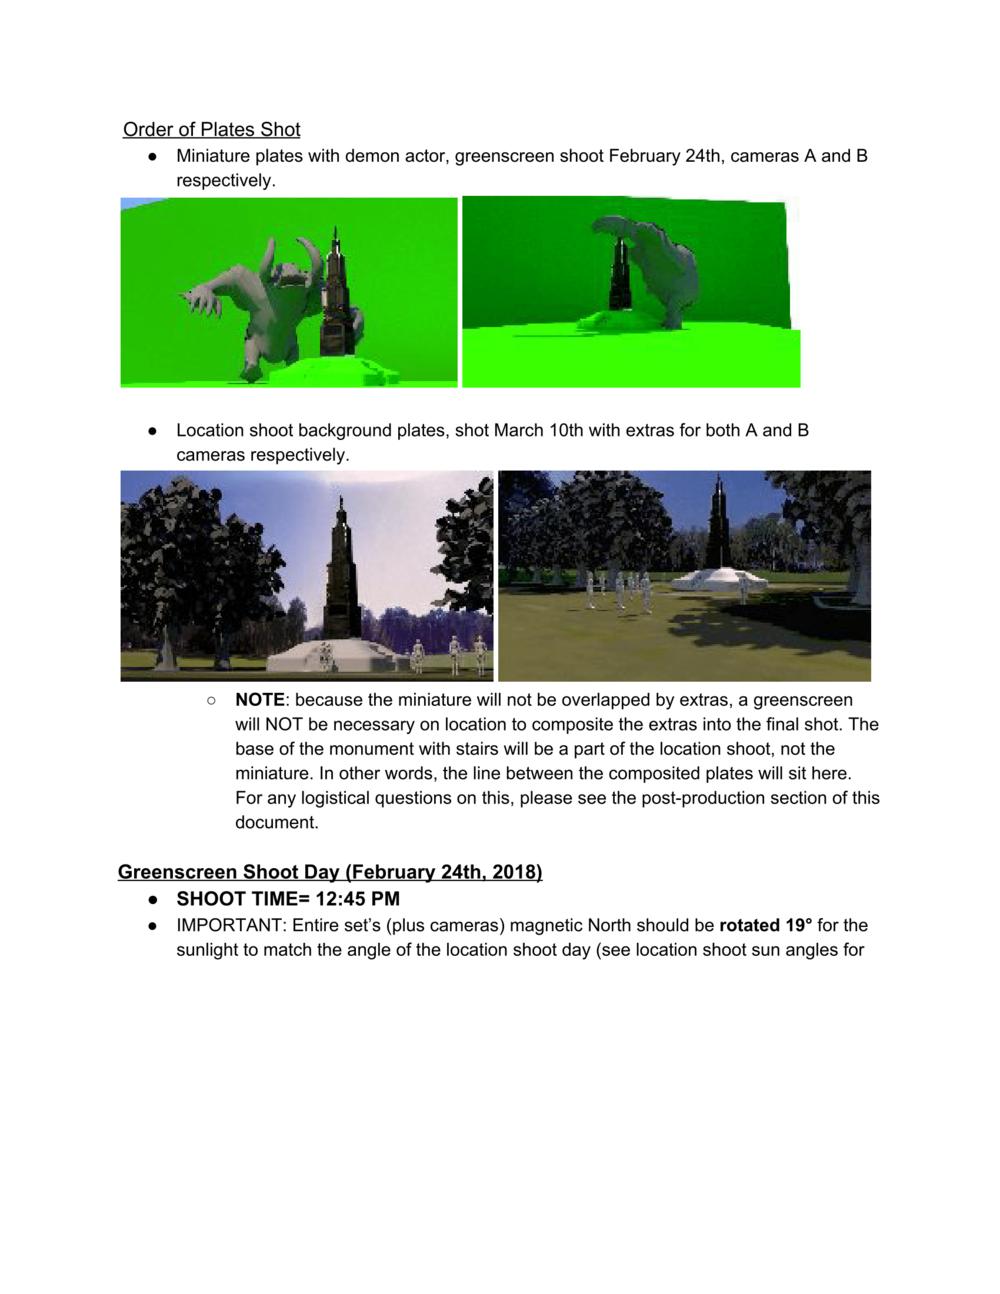 kamolk20_shootDocument-2.png